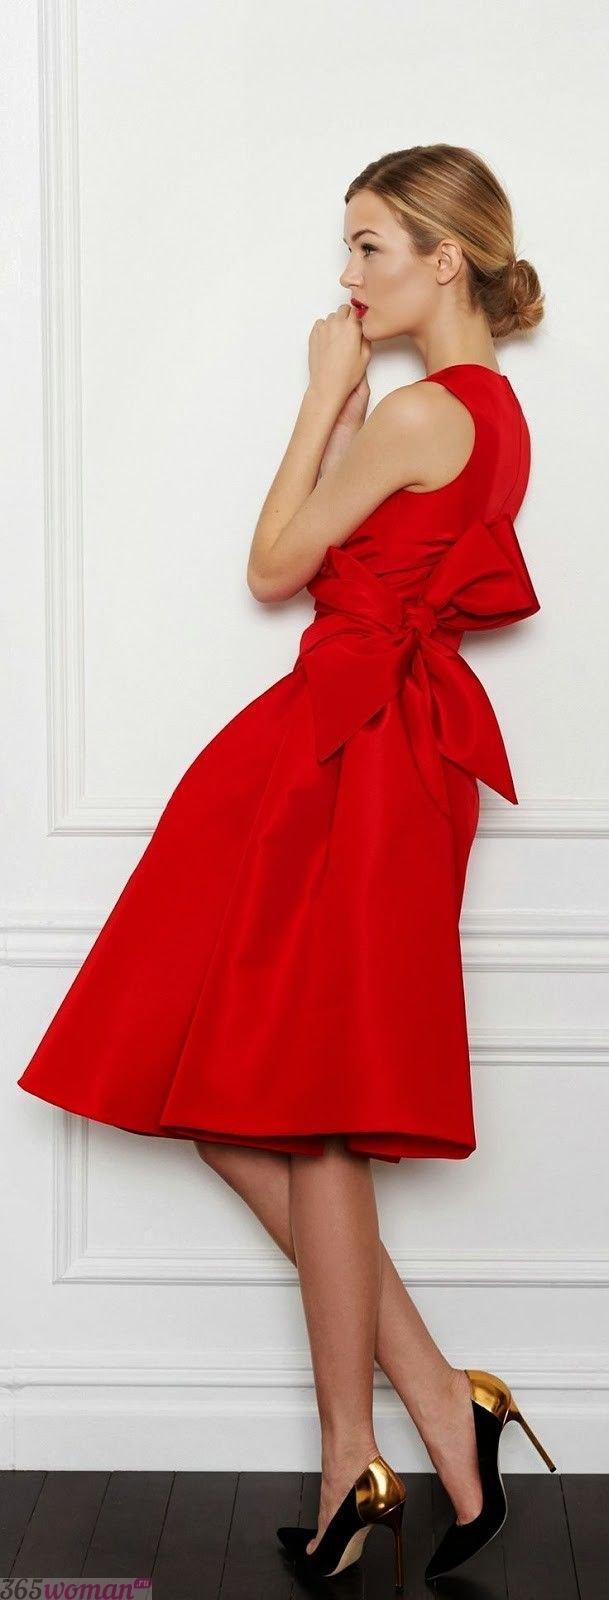 что надеть на день святого валентина 2019: красное платье с бантом на боку